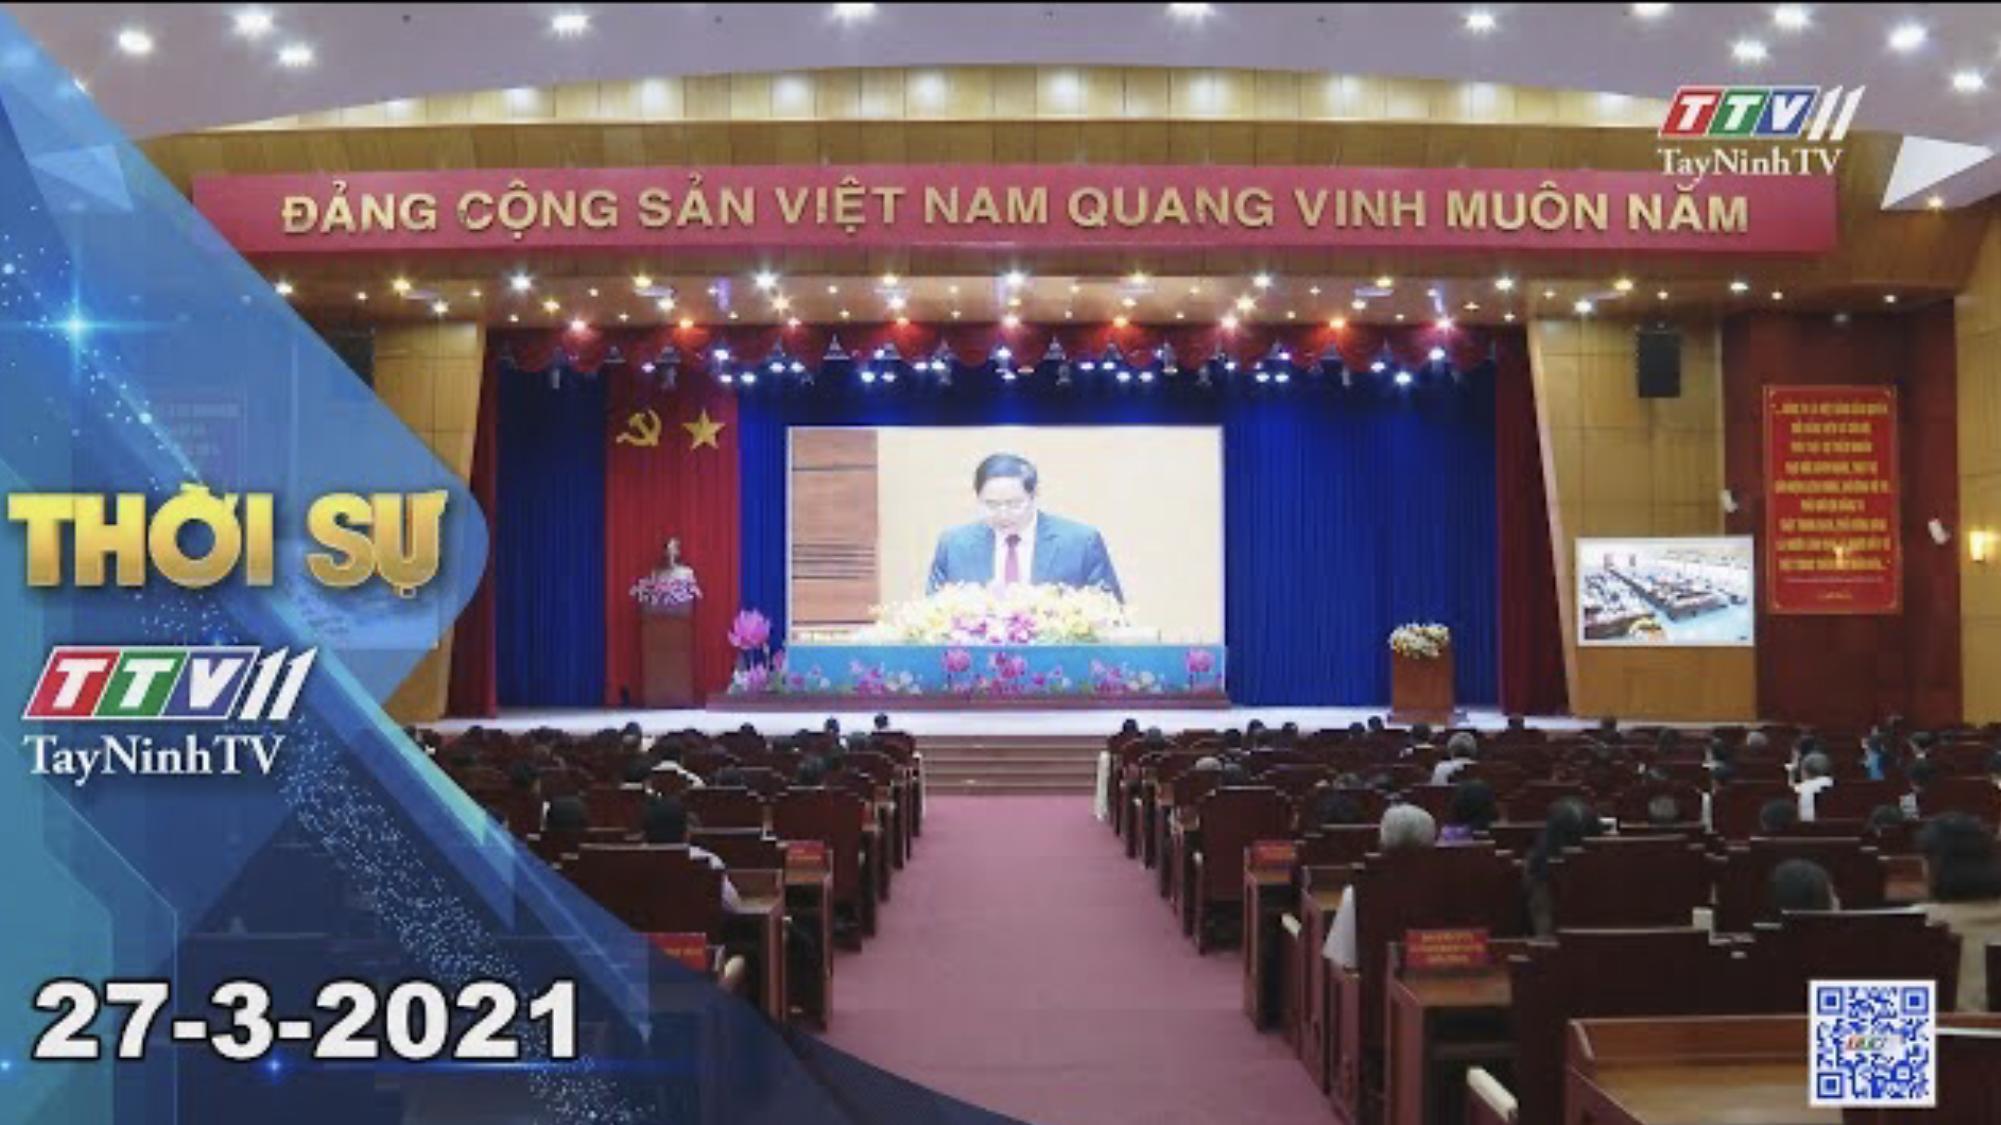 Thời sự Tây Ninh 27-3-2021 | Tin tức hôm nay | TayNinhTV